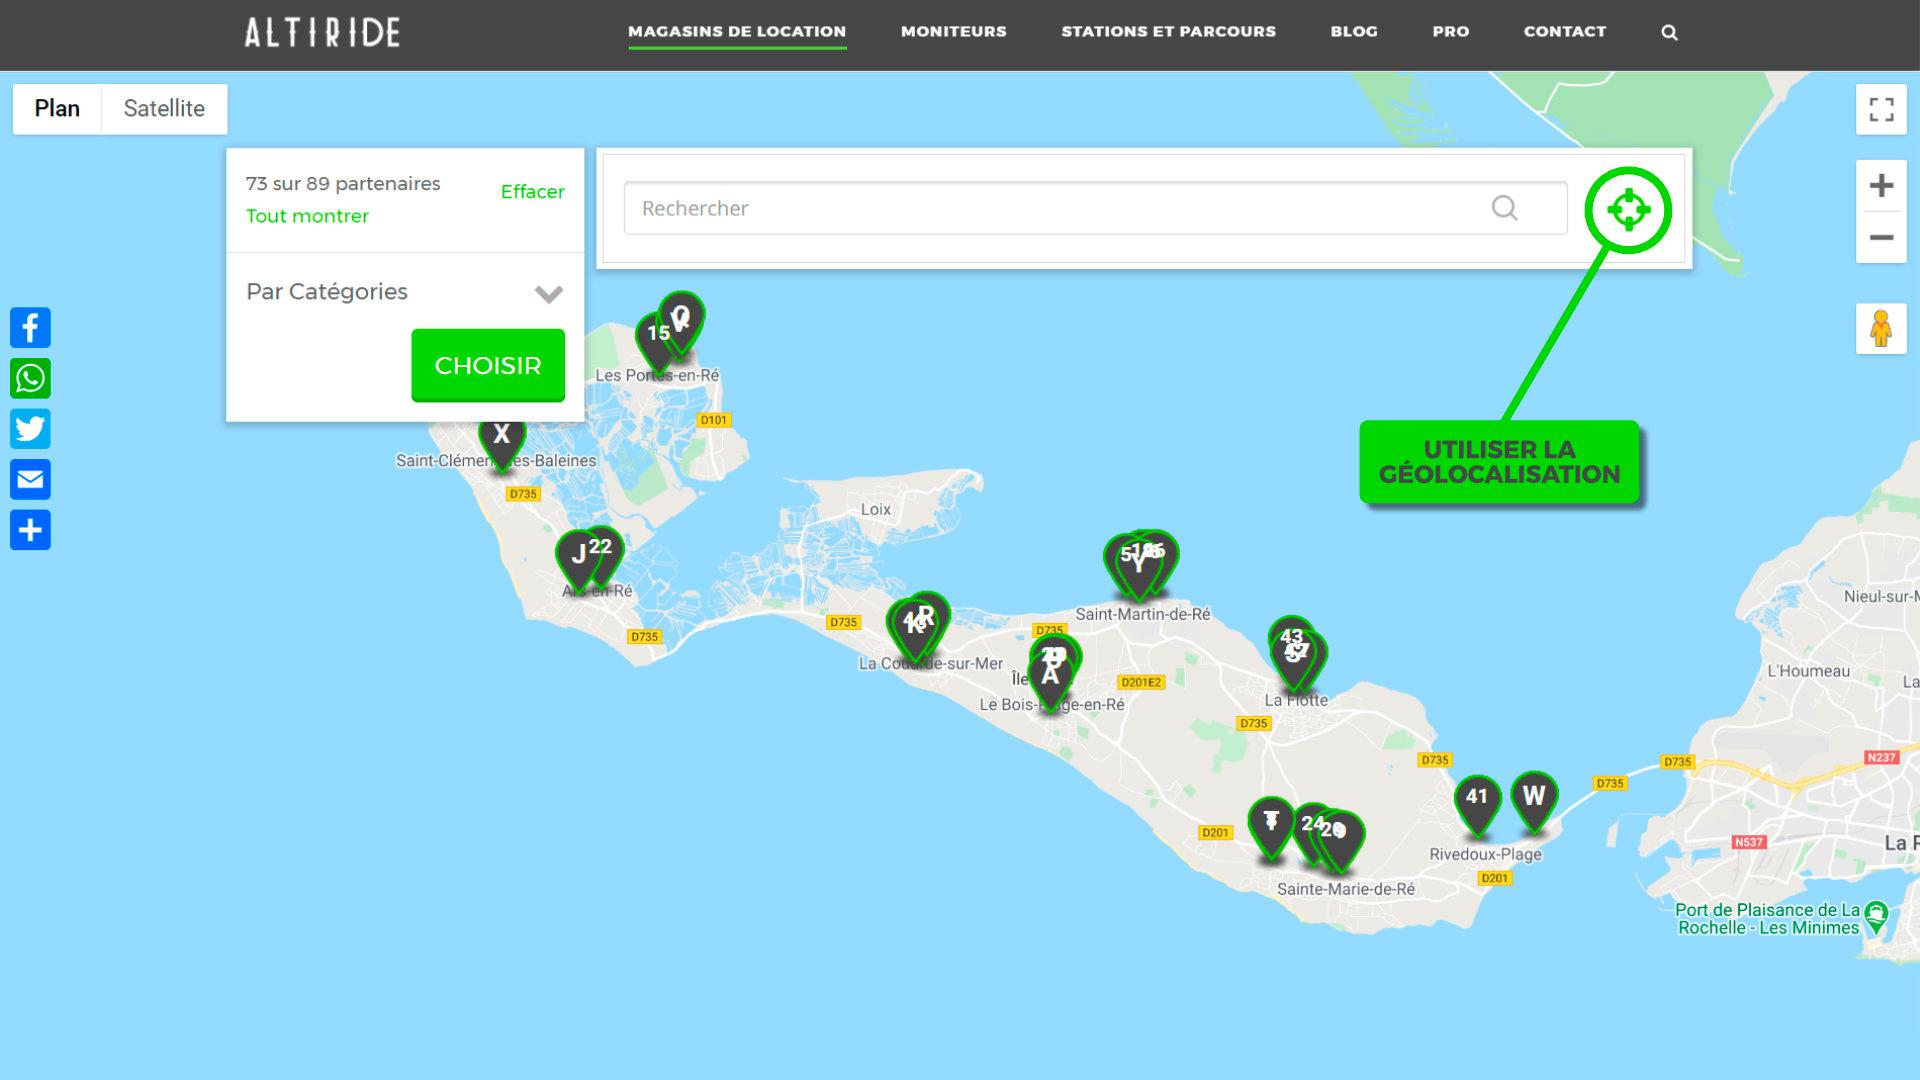 Comment utiliser la géolocalisation sur le site Altiride ?